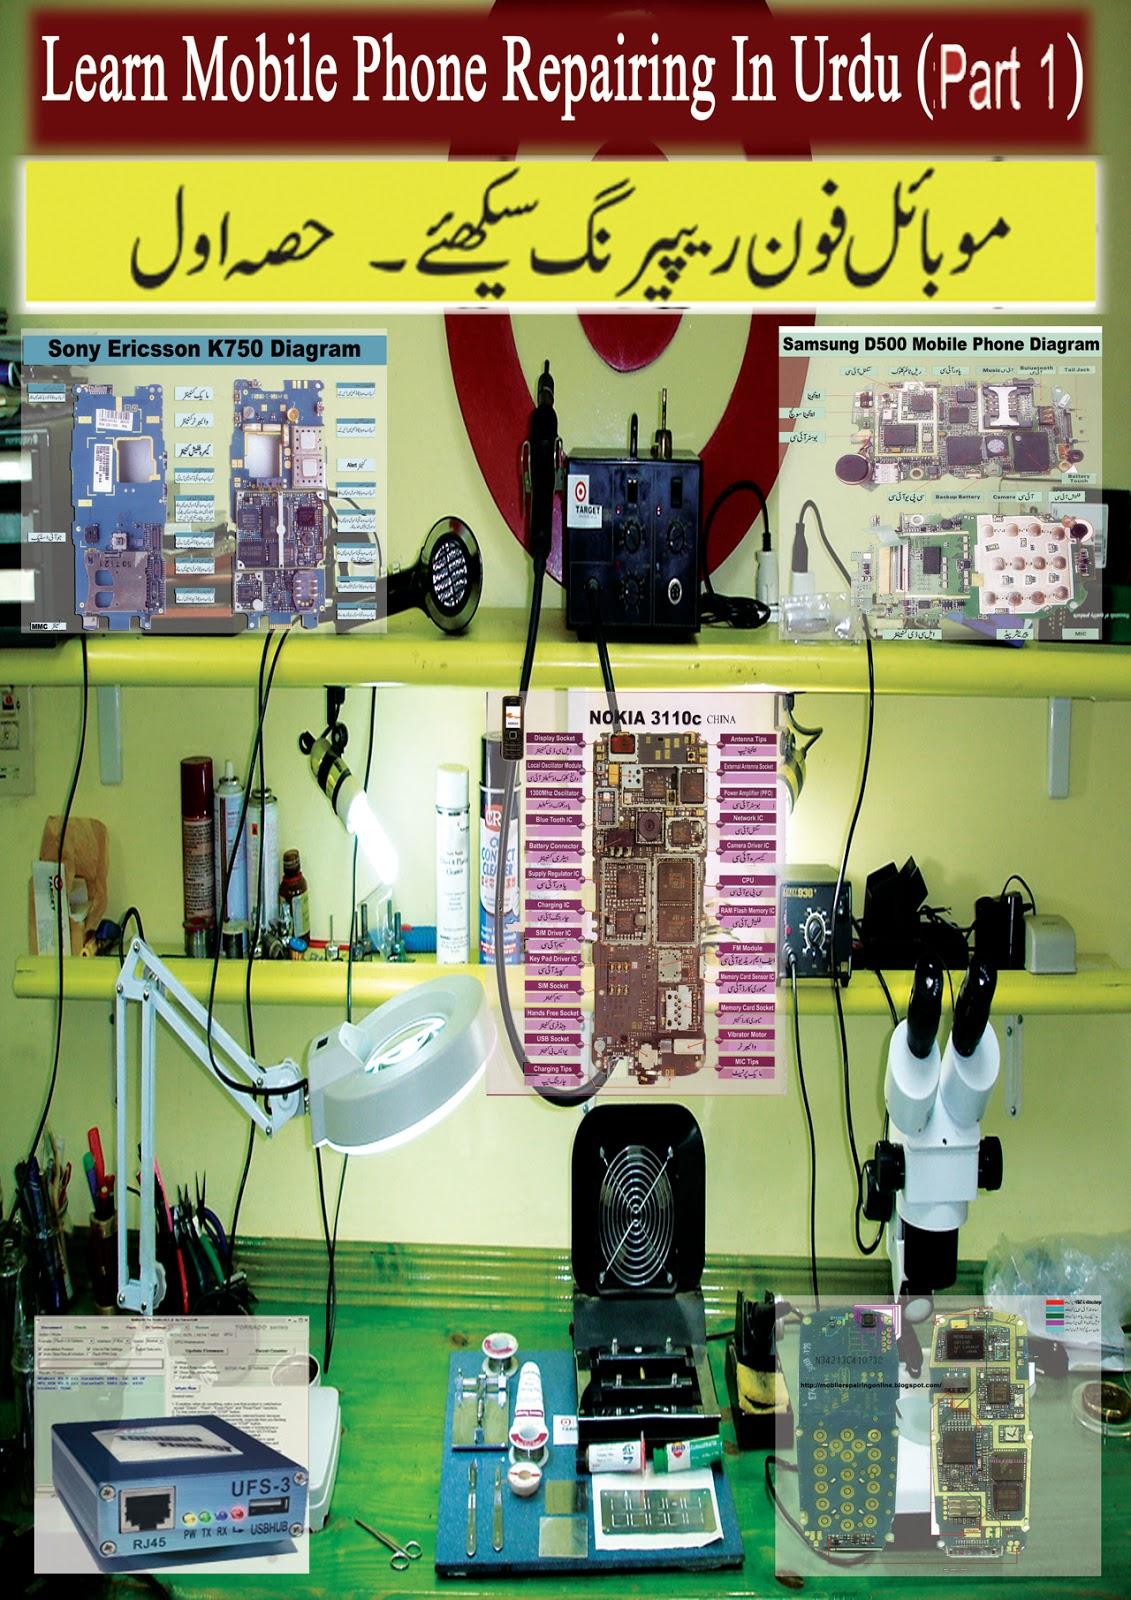 Mobile Repairing Diagram in Urdu   MobileRepairingOnline